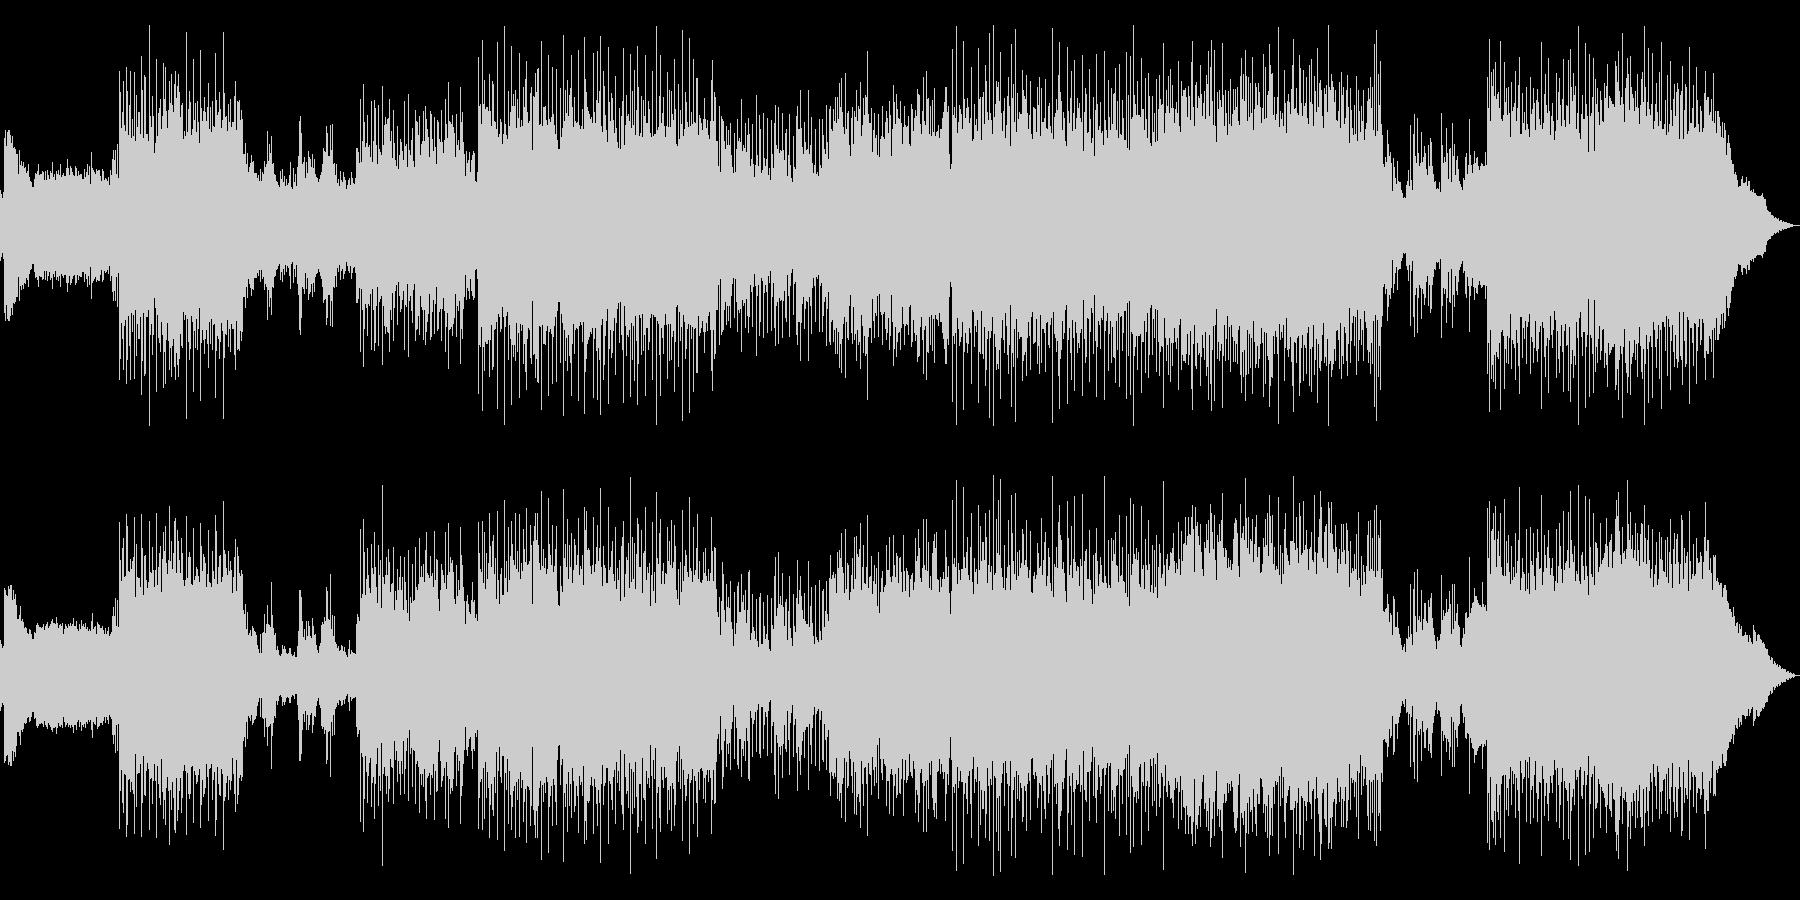 女性Voの激しいギターロックサウンドの未再生の波形